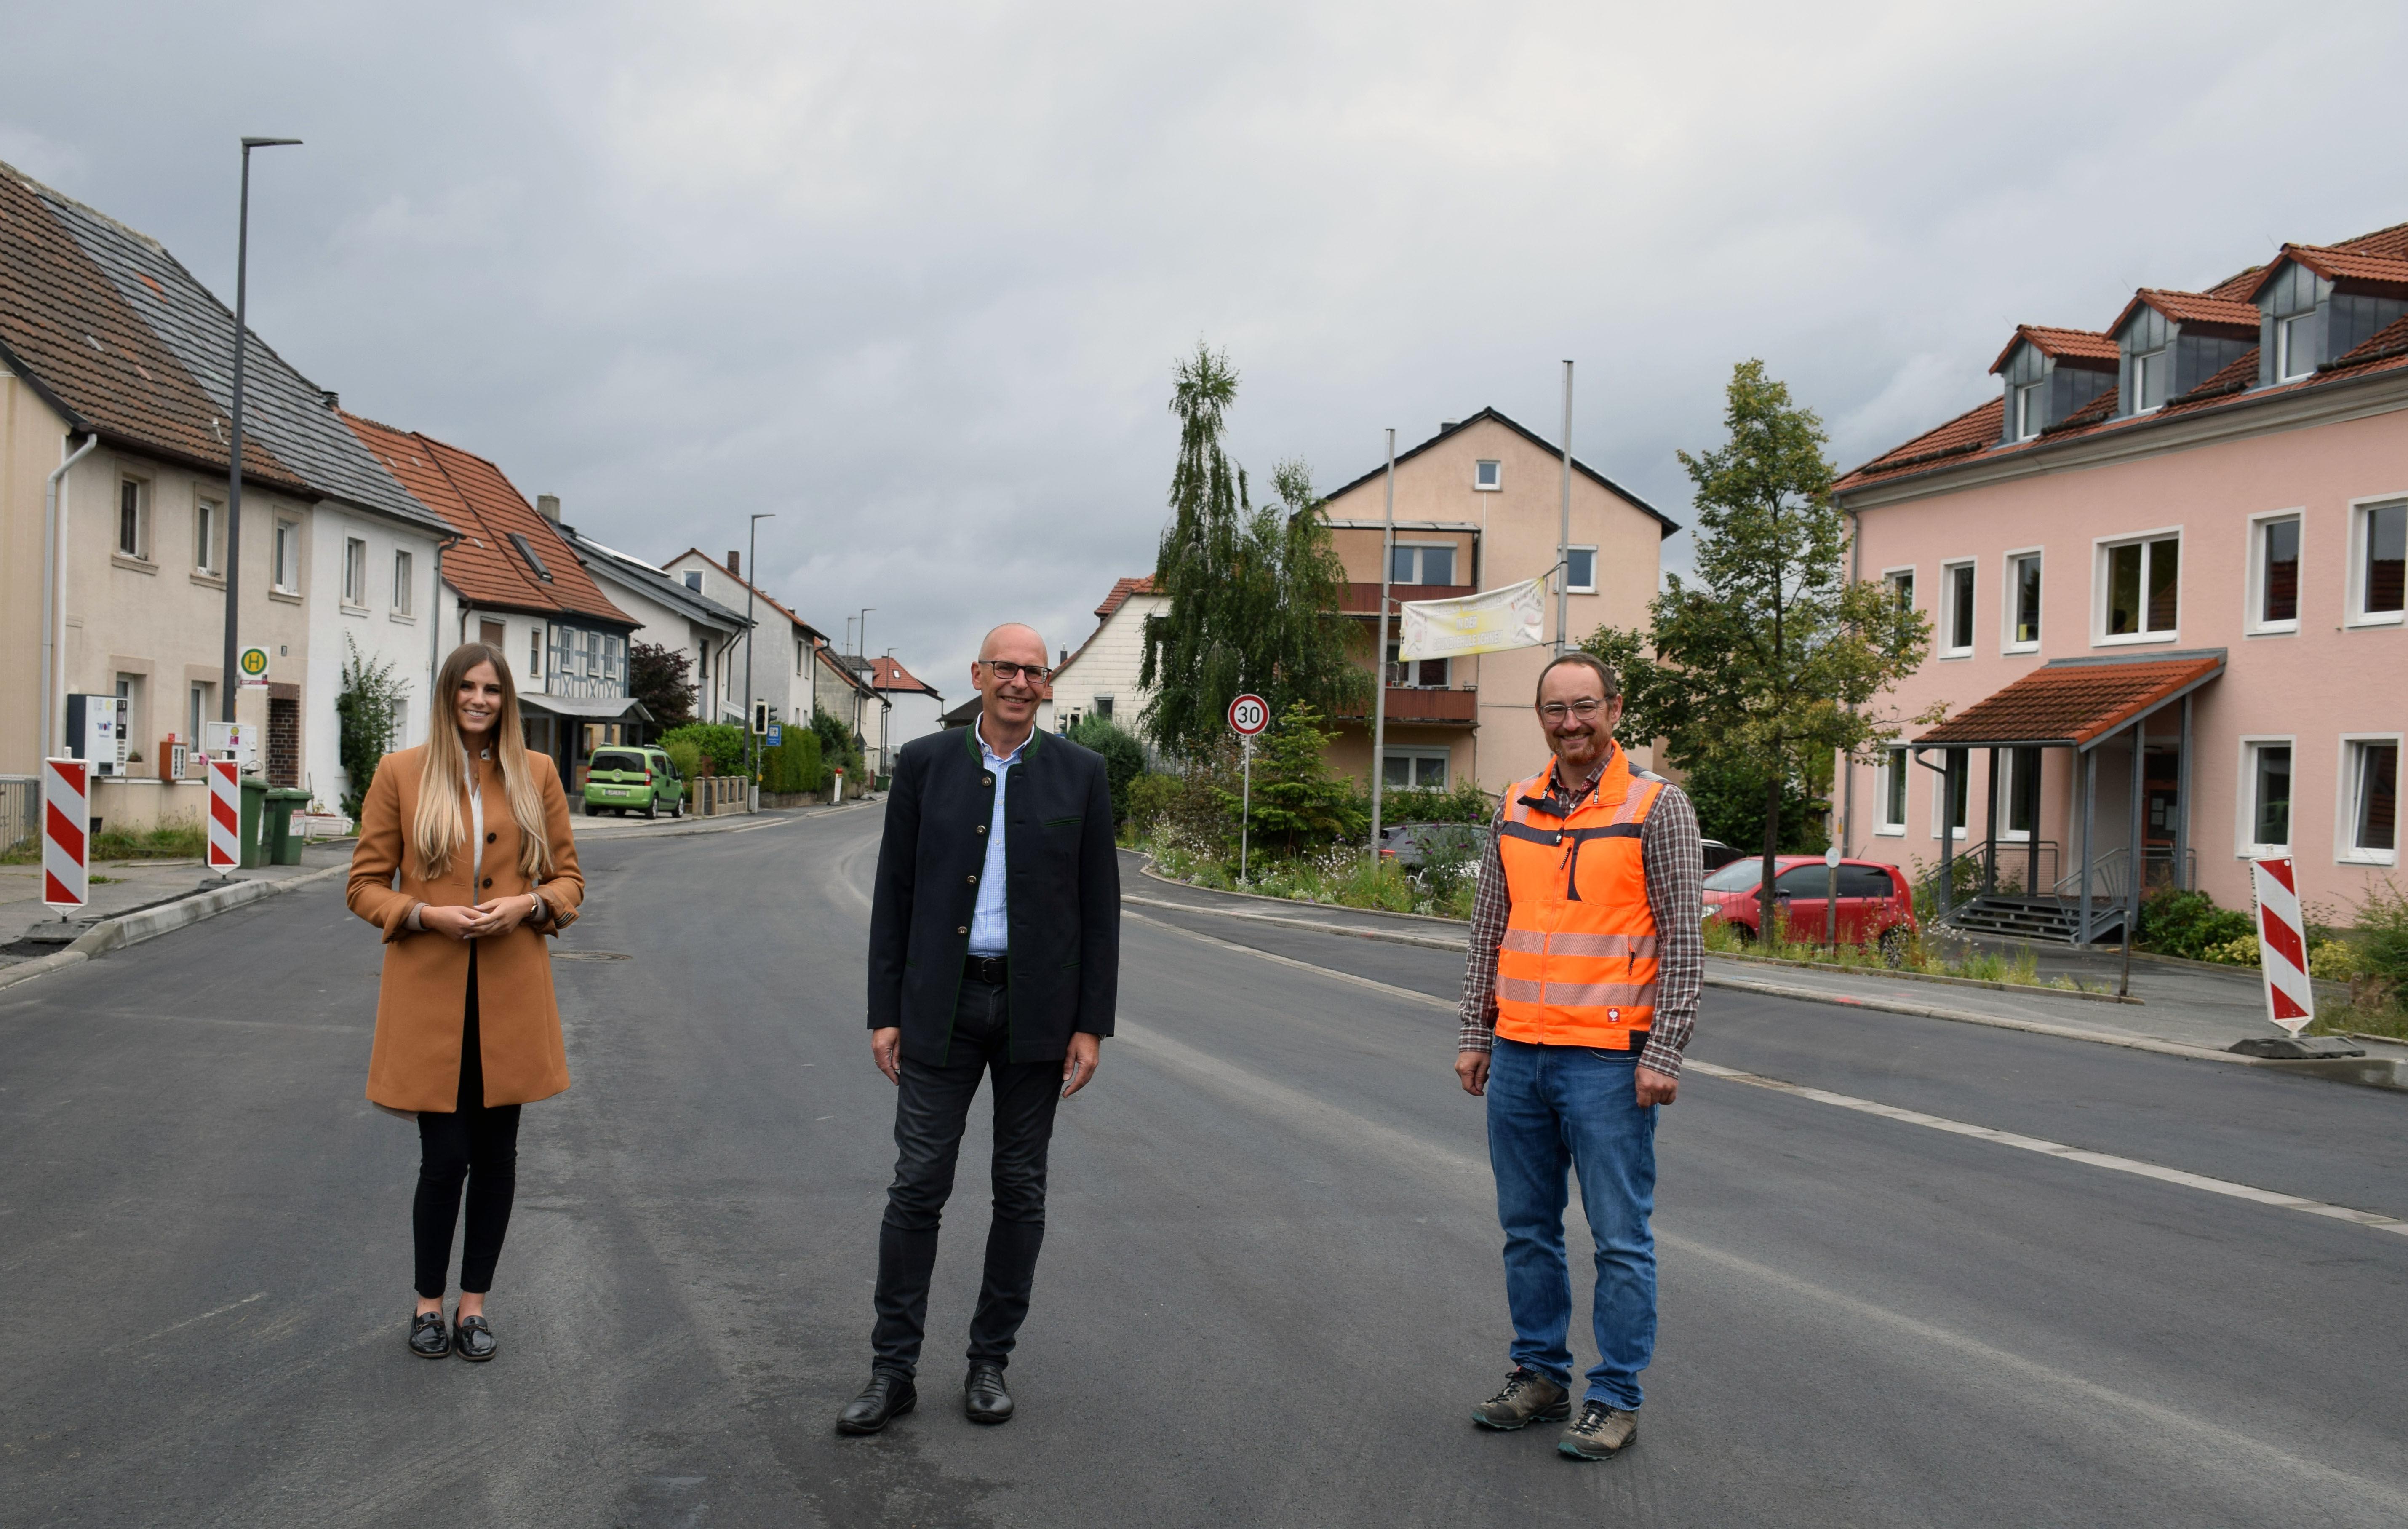 Der Leiter des Kreisbauhofs, Heiko Tremel, erläuterte Landrat Christian Meißner und der Leiterin der Abteilung Soziales, Jugend und Familie, Straßenba